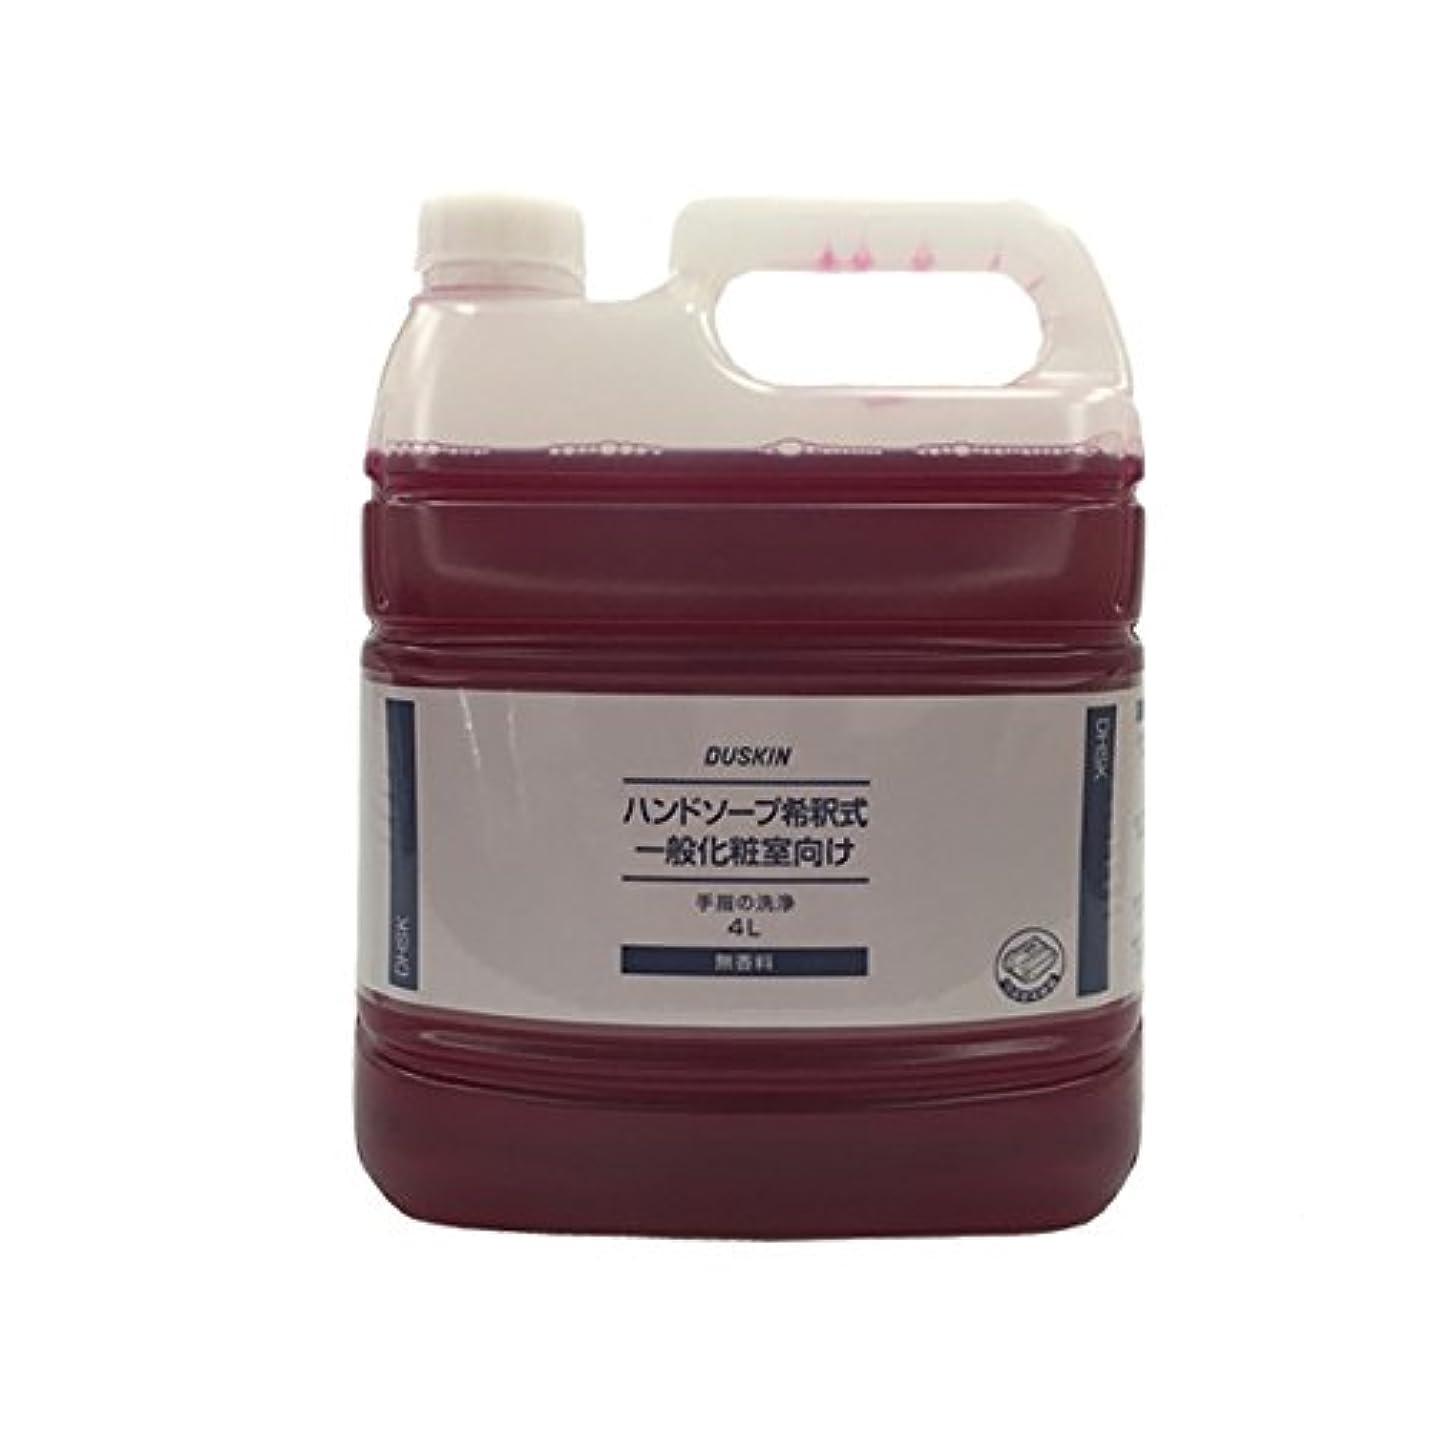 テナントデッド輸血ダスキン ハンドソープ 希釈式 一般化粧室向け 4L 無香料 プッシュポンプ別売 専用ボトル ハンドスプレー別売